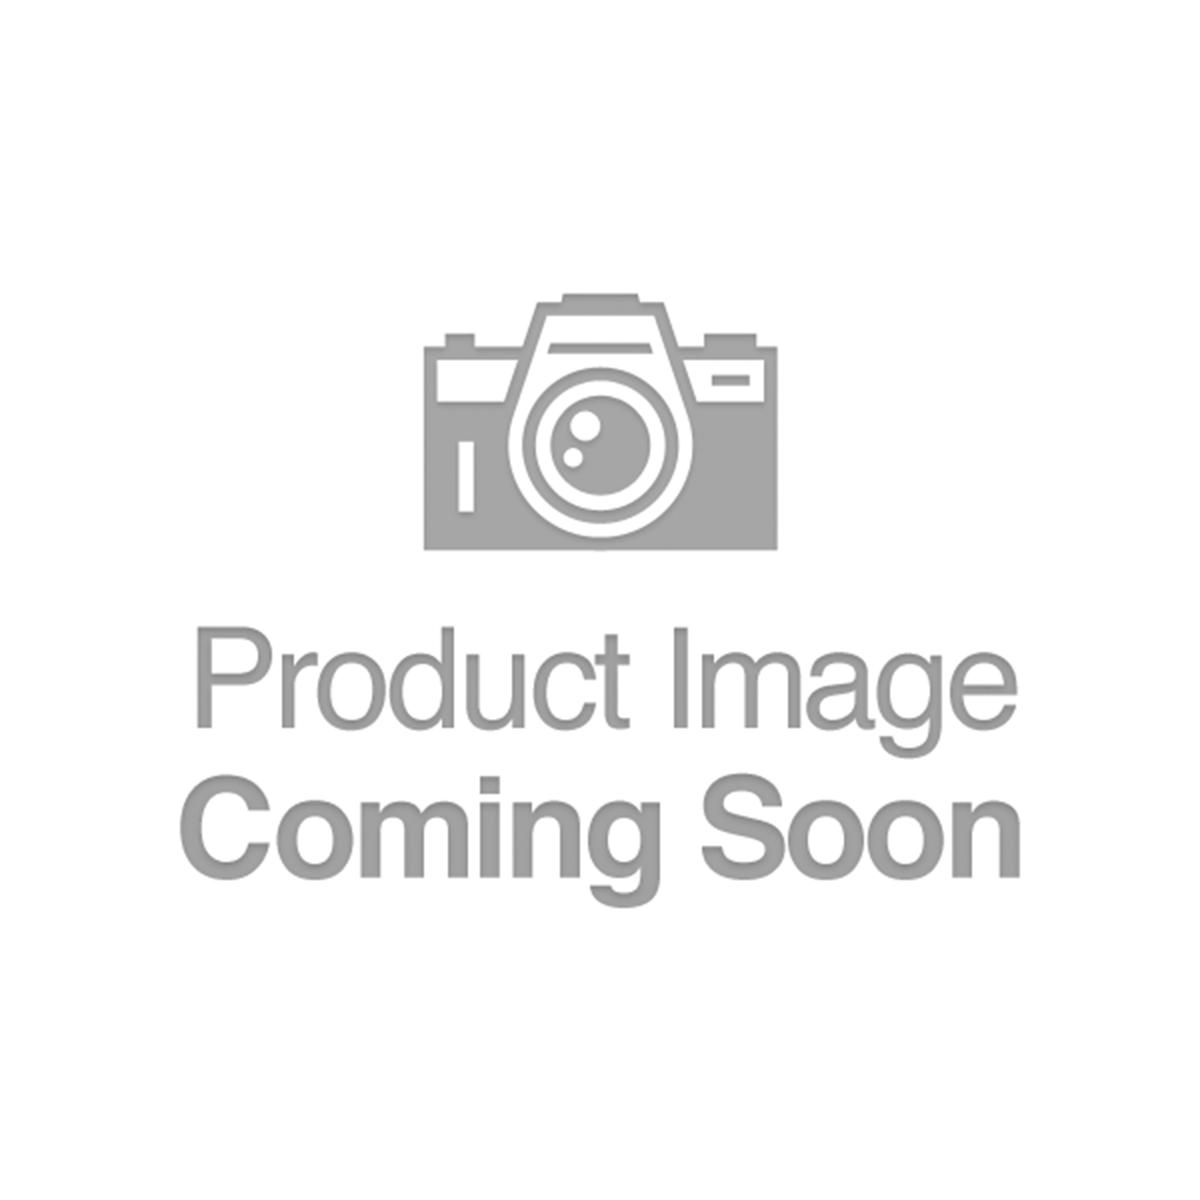 Saltville - Virginia - CH 11265 - FR 632 - VF